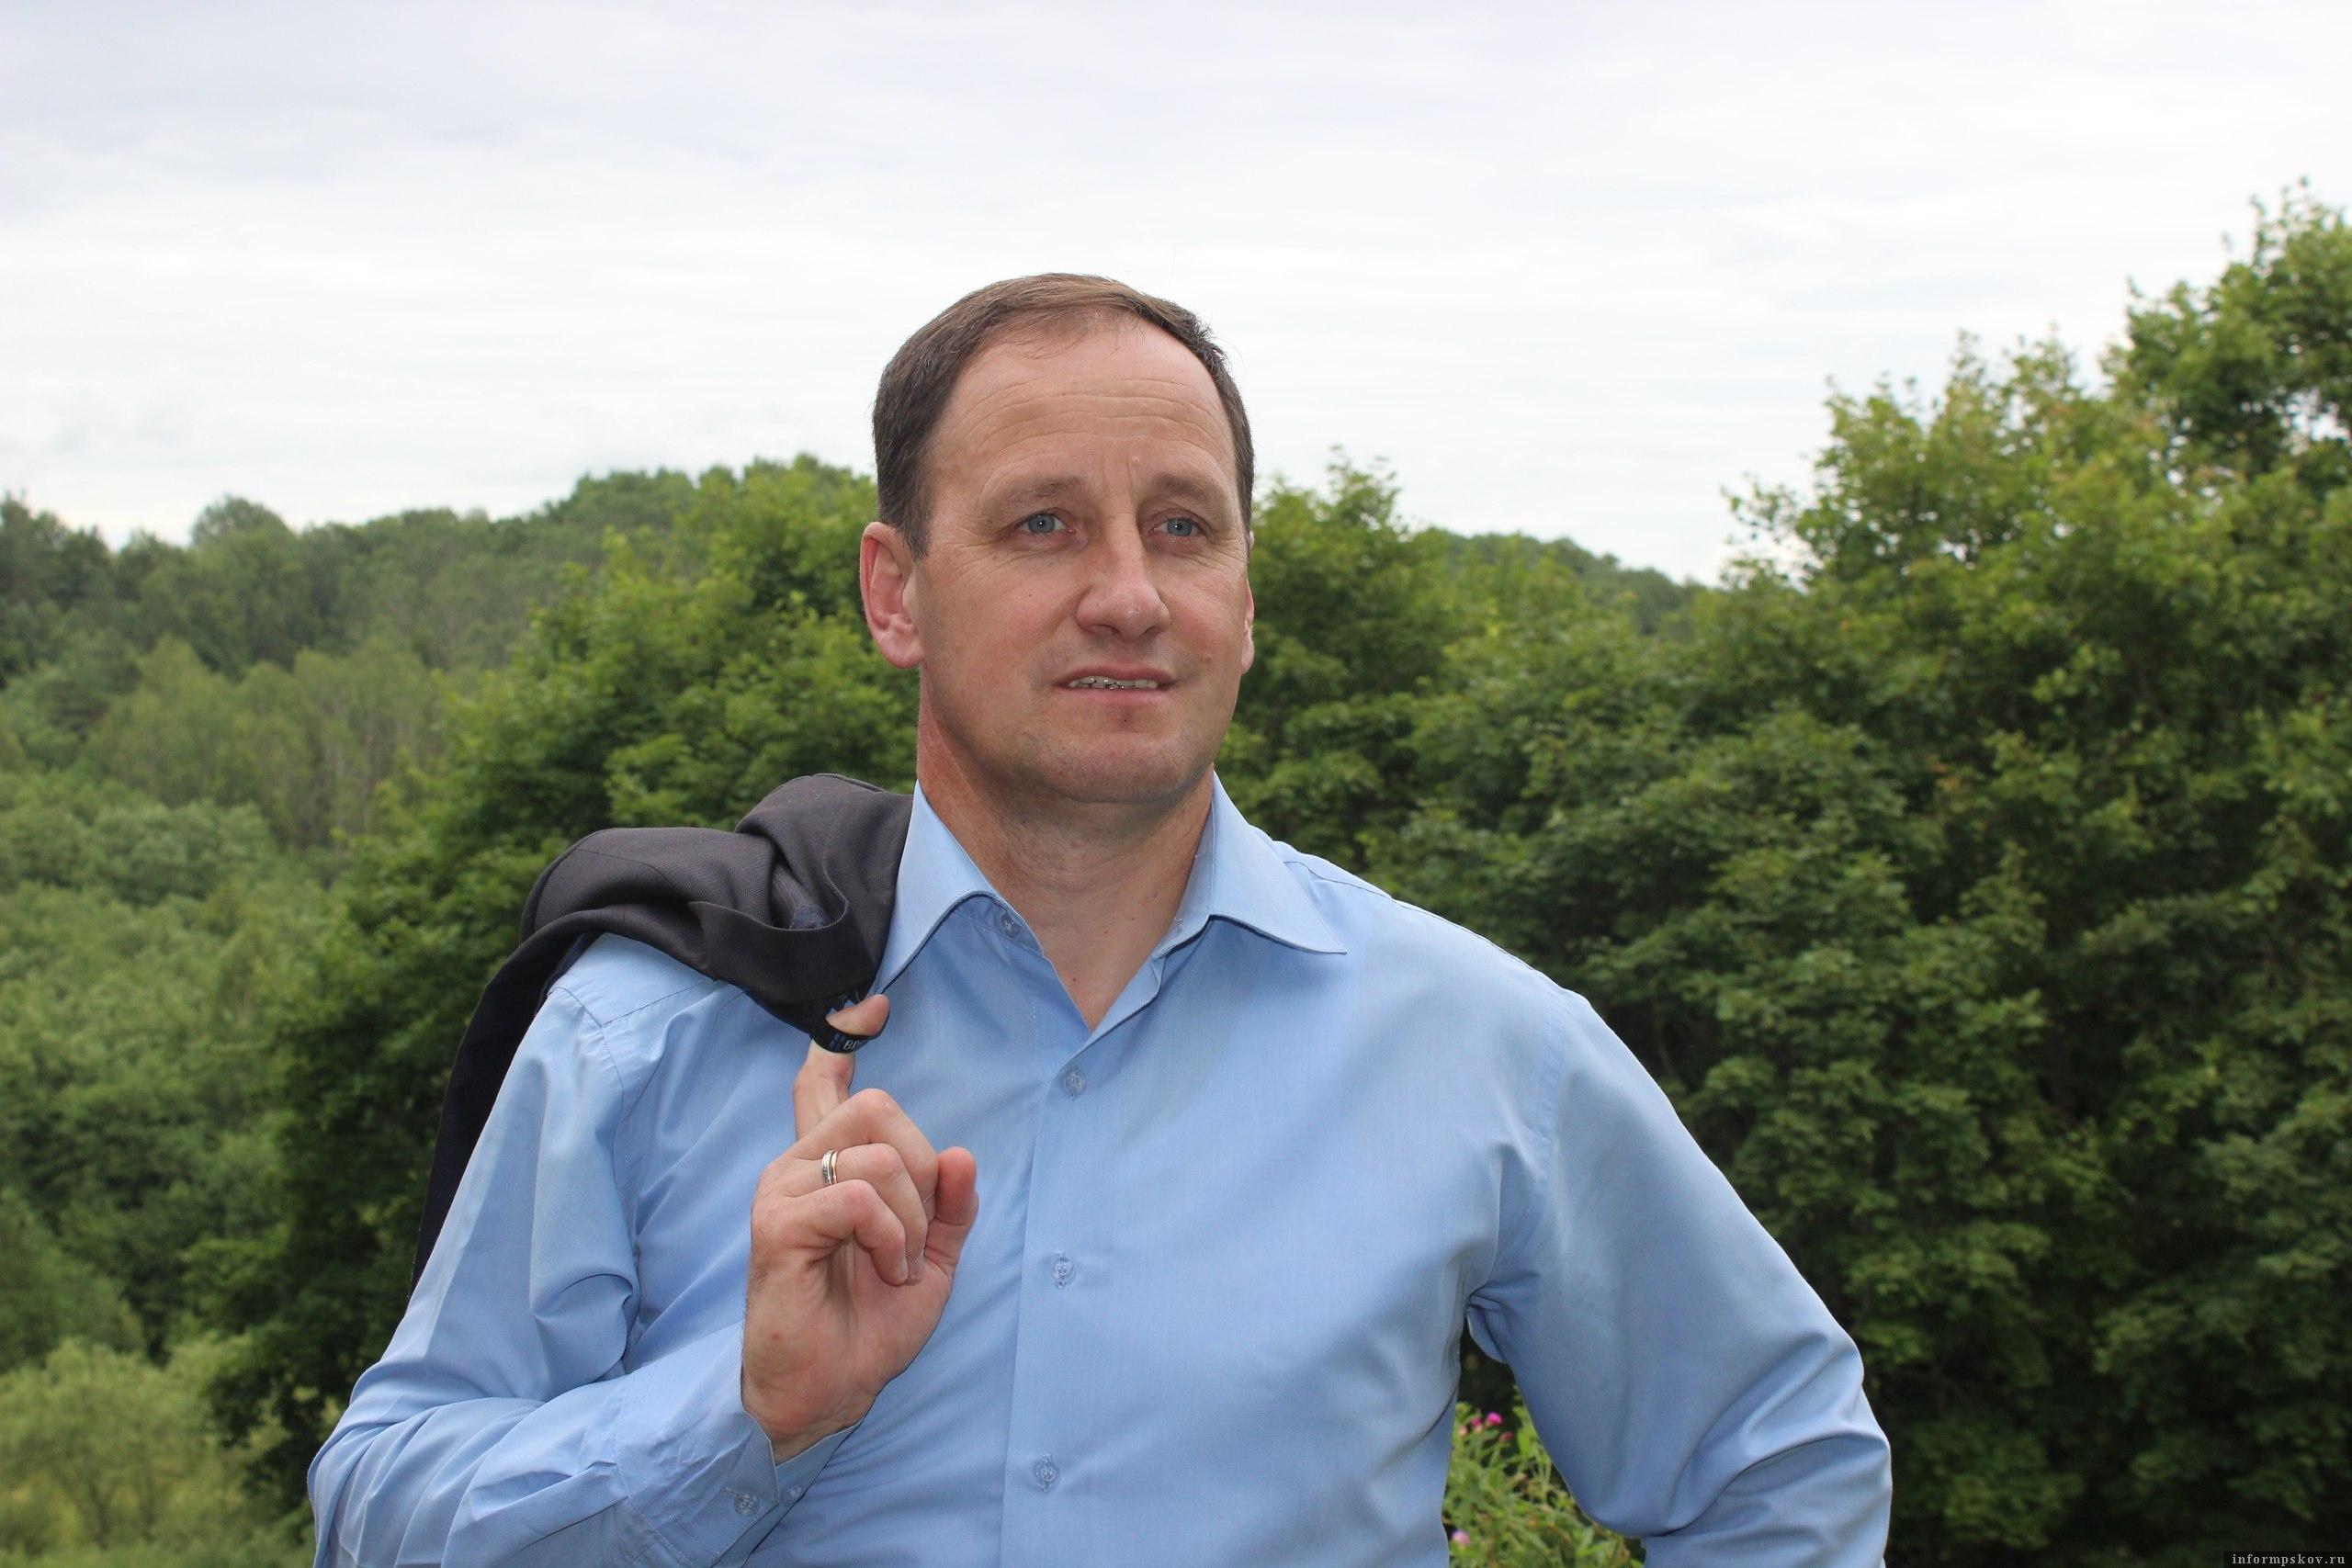 В отношении главы Печорского района инициировали служебную проверку. Фото с личной страницы главы.